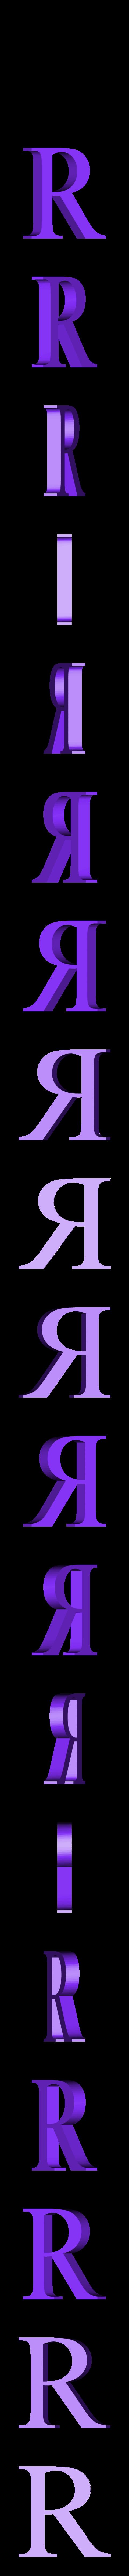 R.STL Télécharger fichier STL gratuit alphabet • Modèle pour imprimante 3D, Cerega